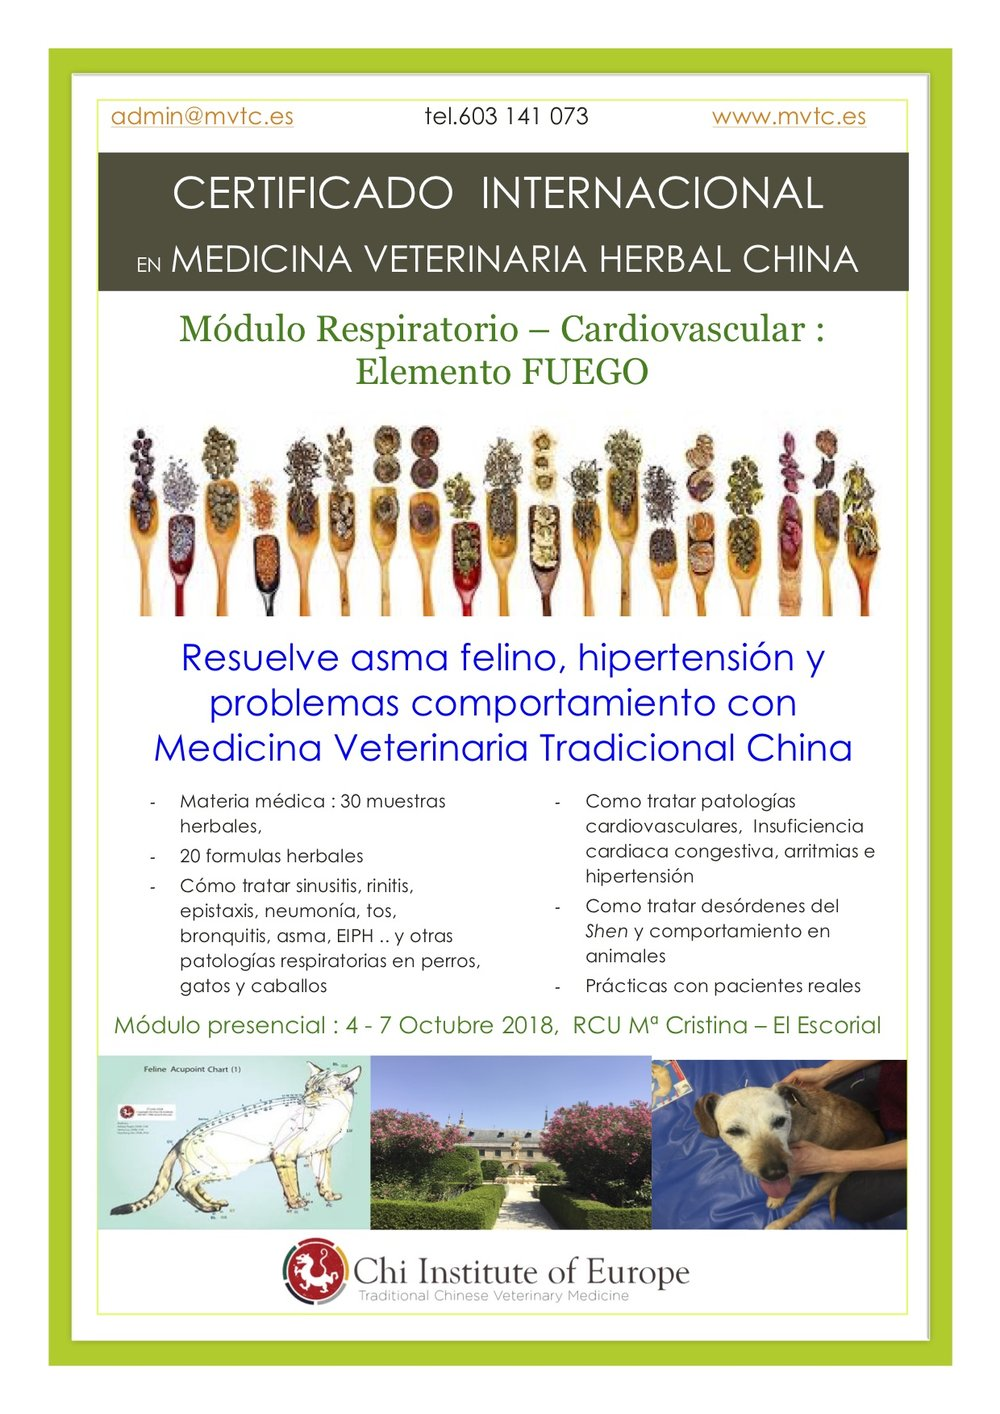 herbal cardio poster 3 .jpg